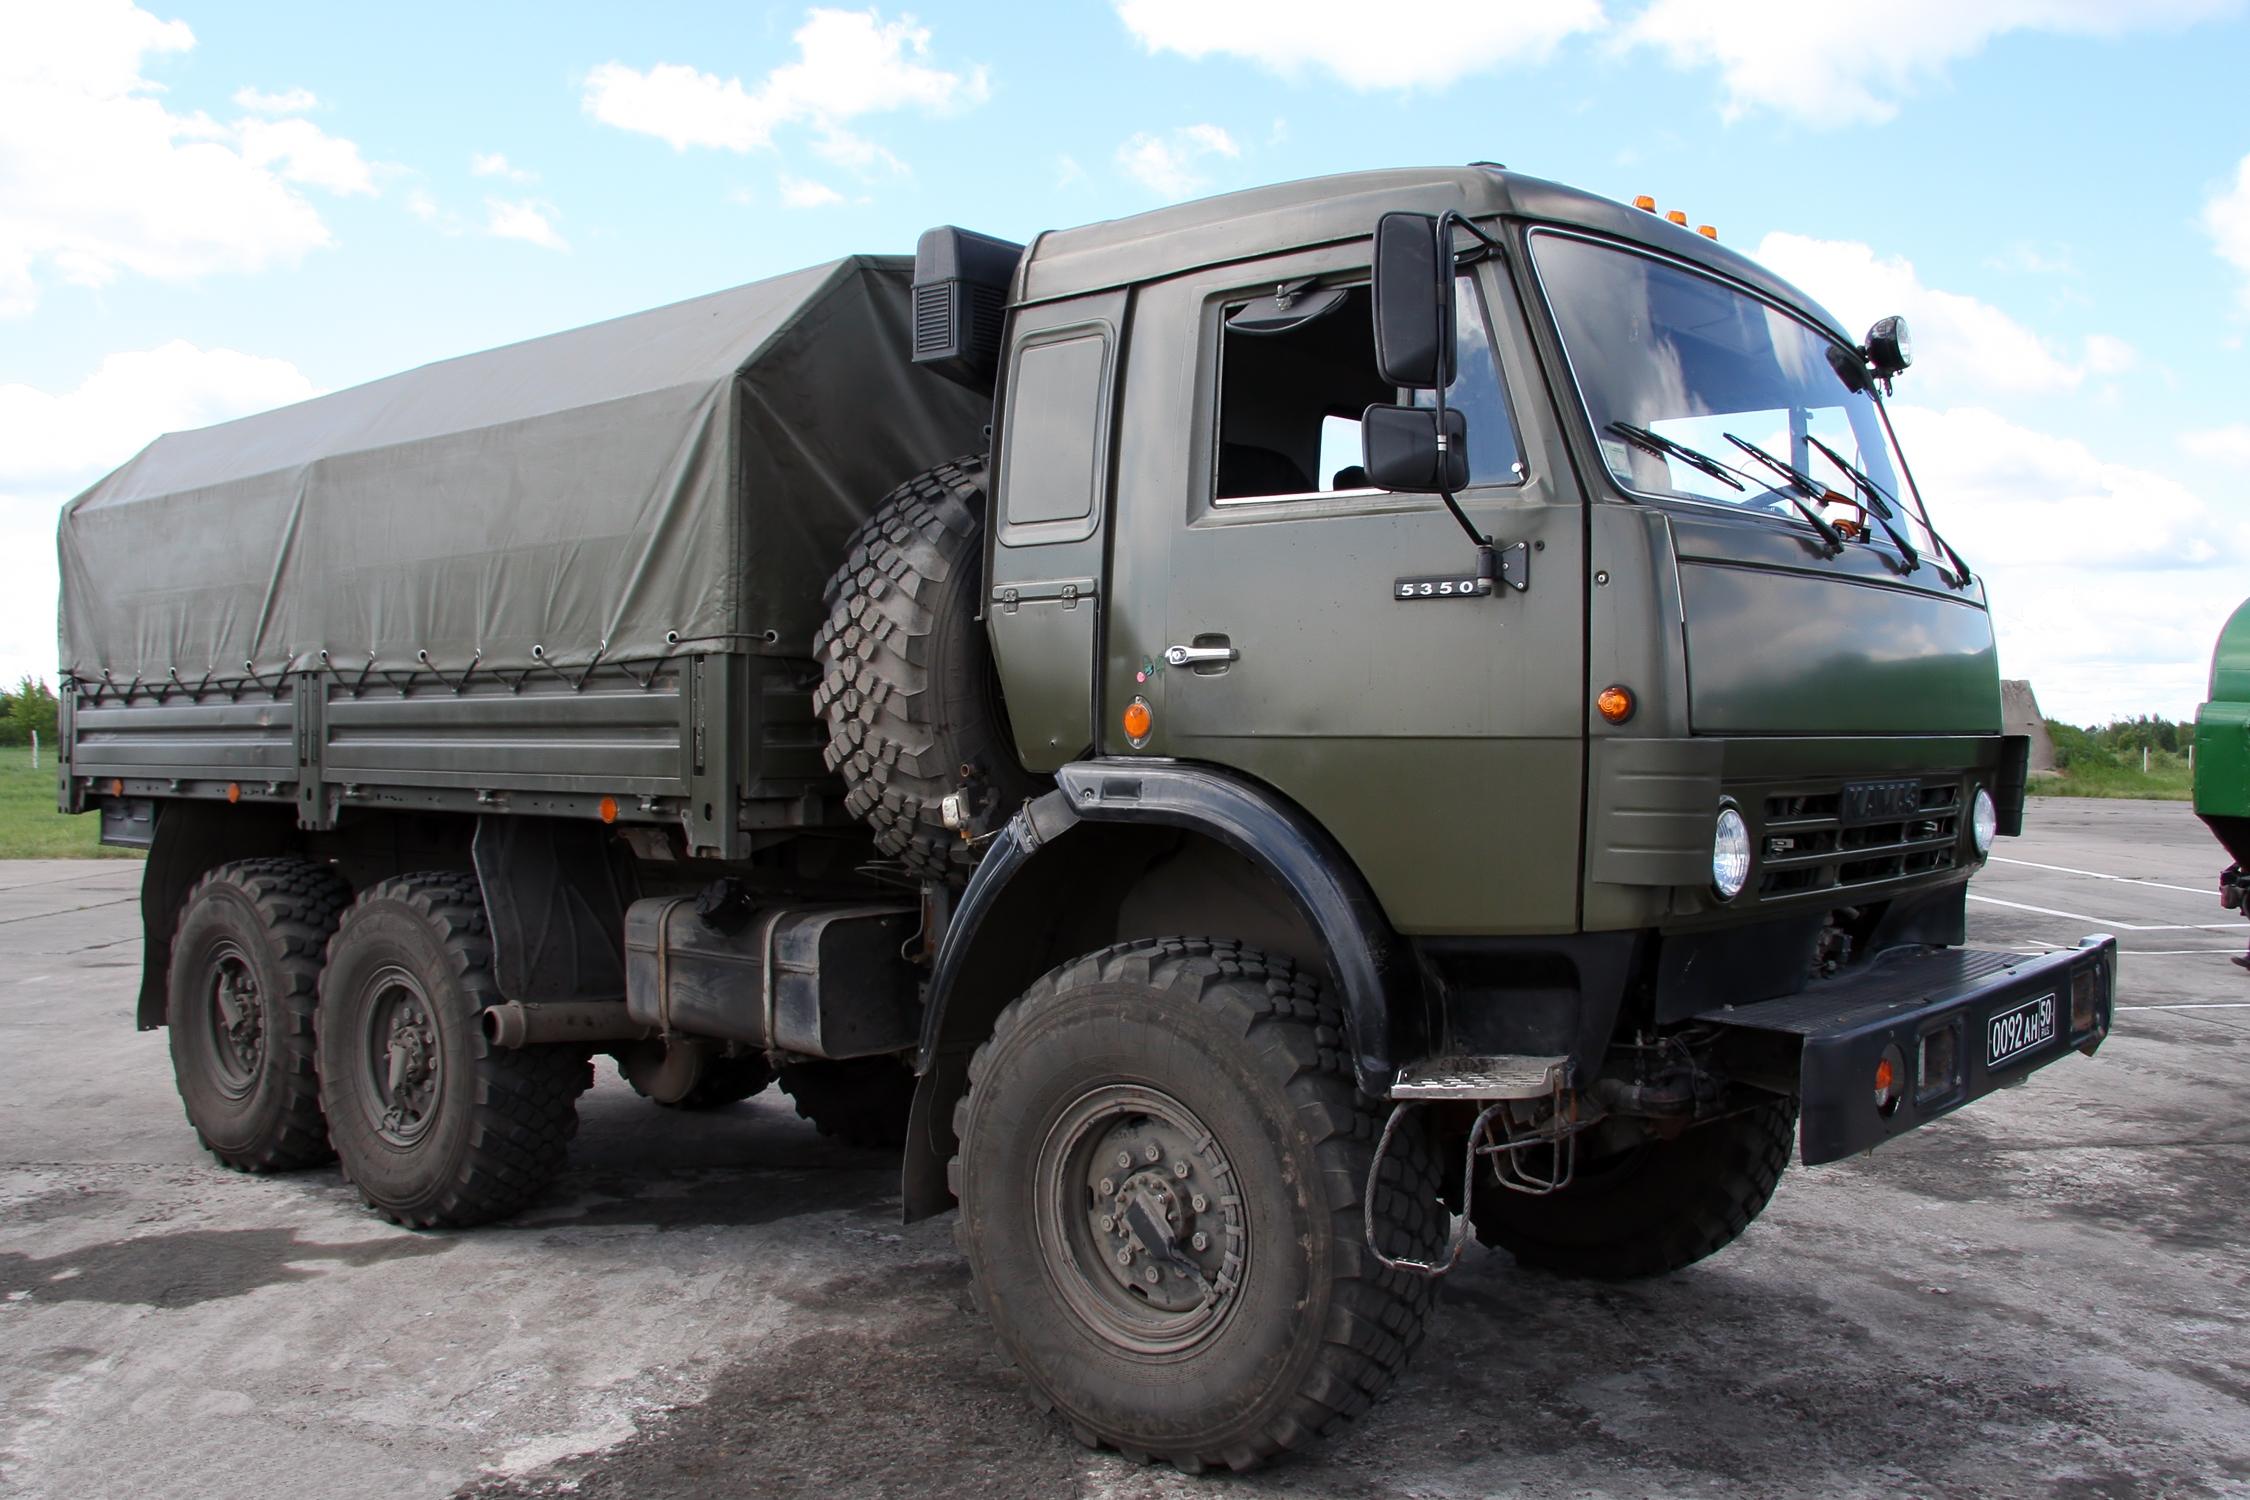 KAMAZ-5350_military_truck_of_Russia.jpg